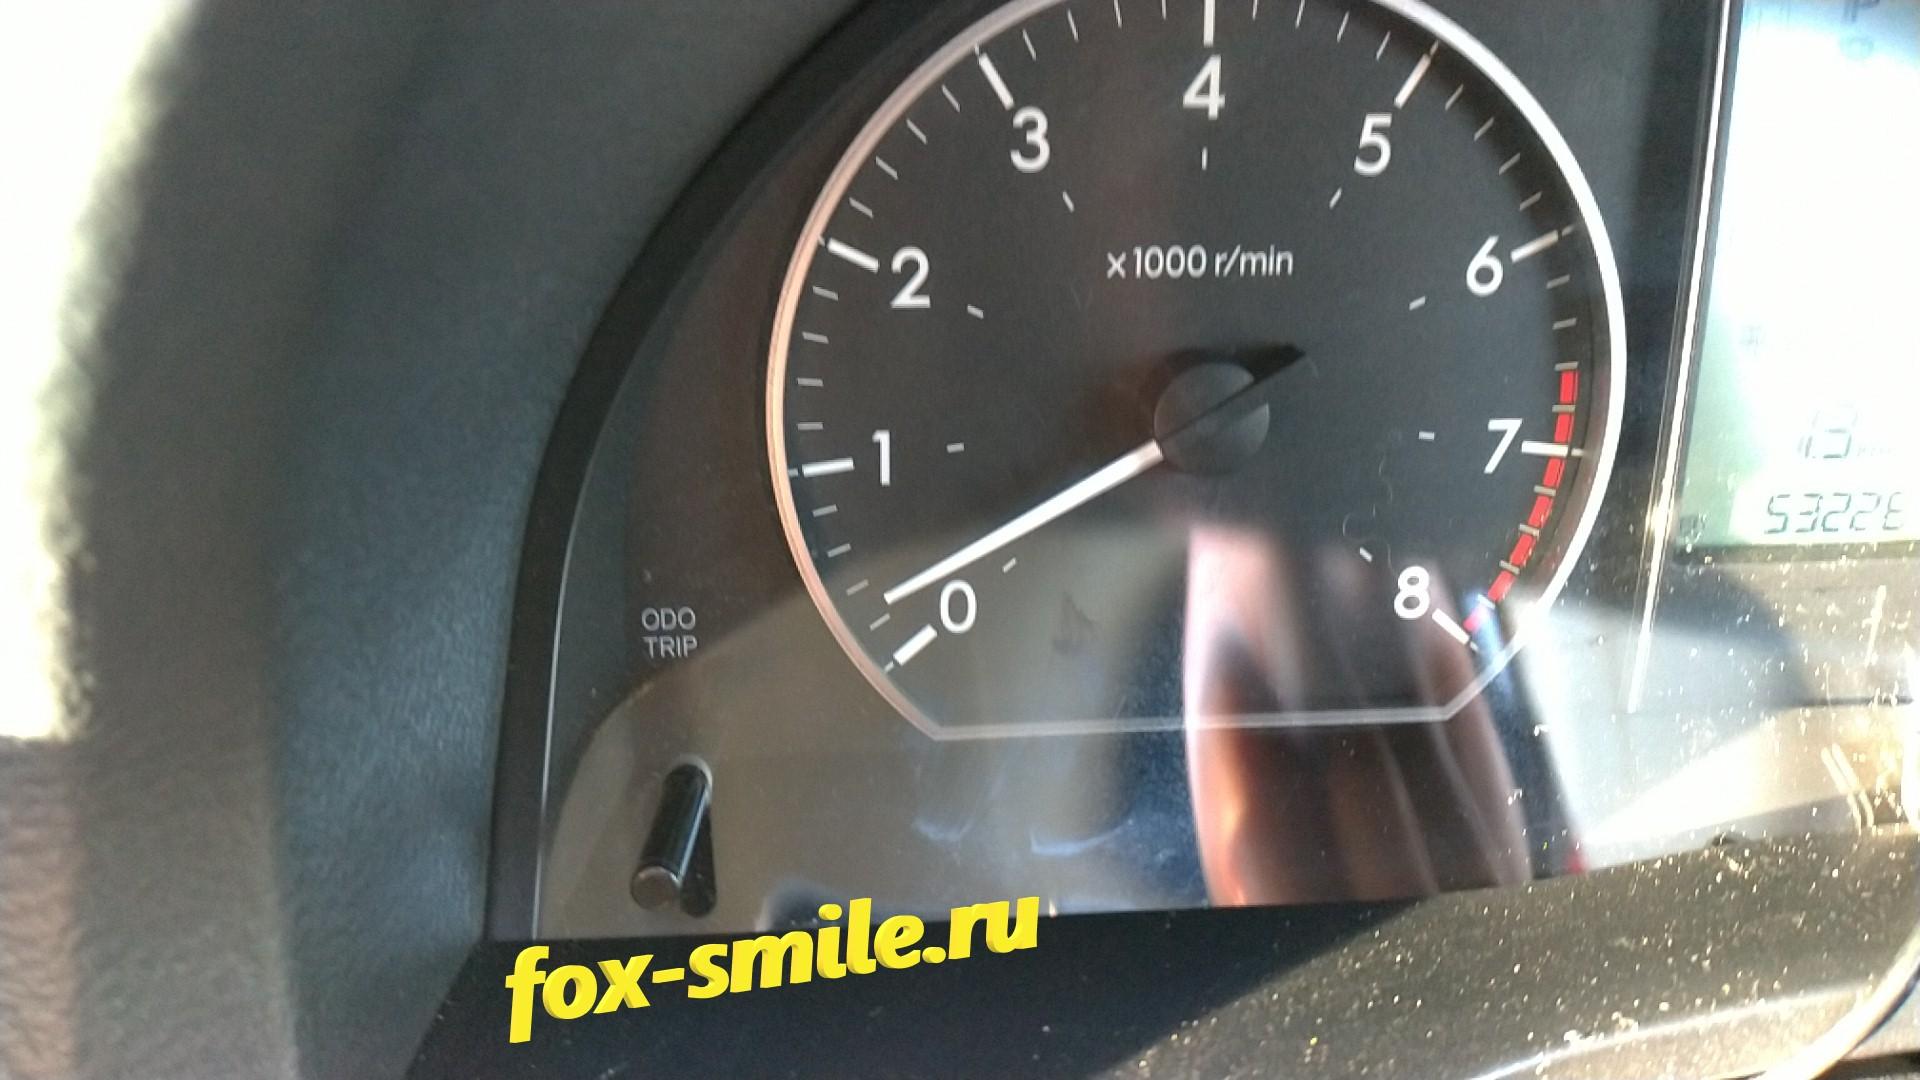 200 обороты двигателя автомобиля